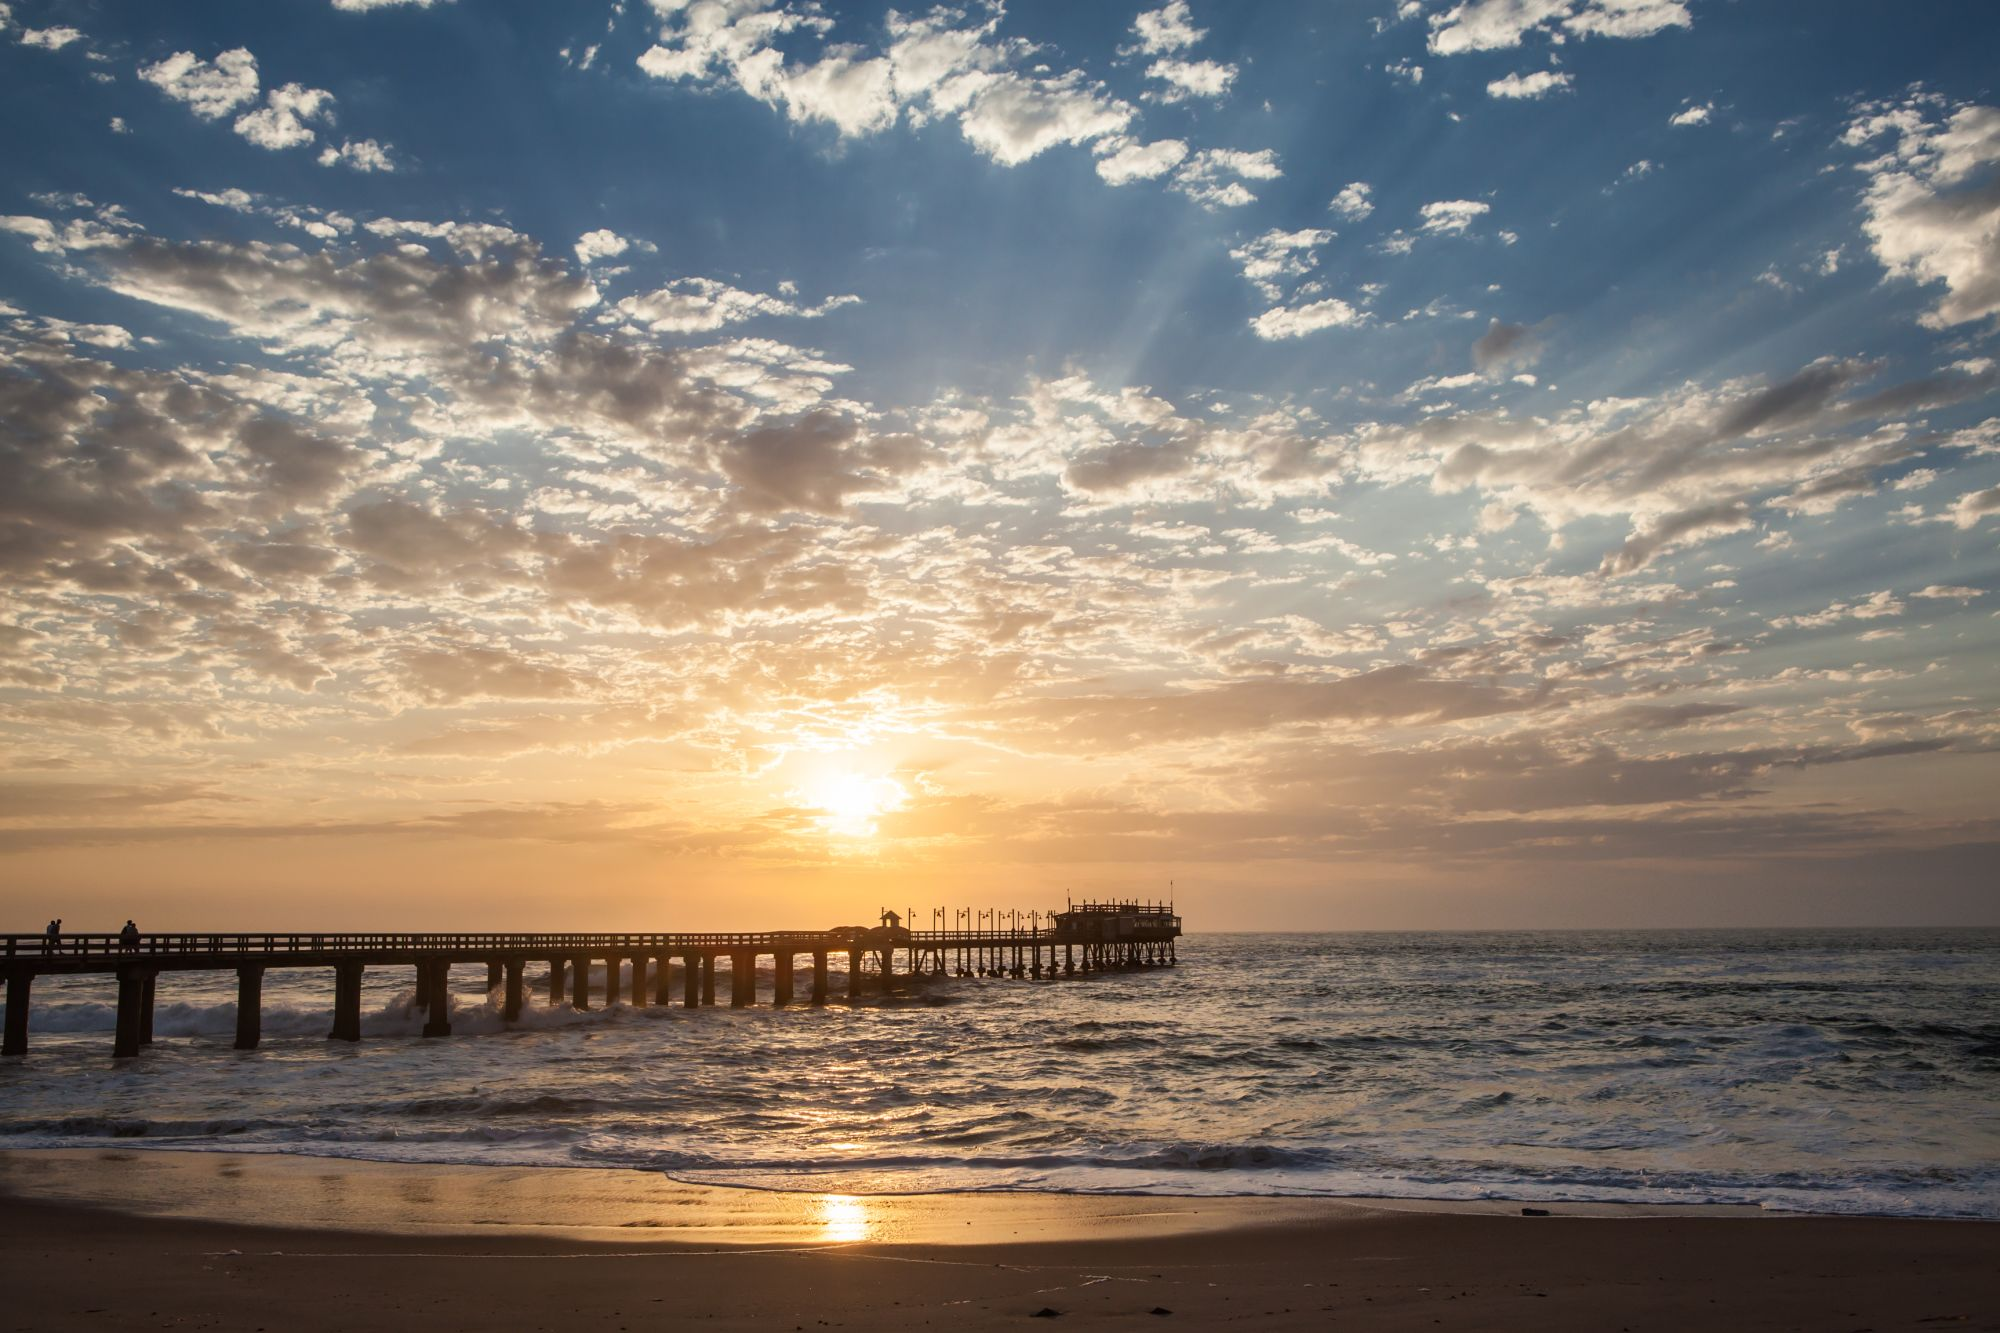 Namibia Dunes & Damaraland Tours 2019 - 2020 -  Ocean sunset